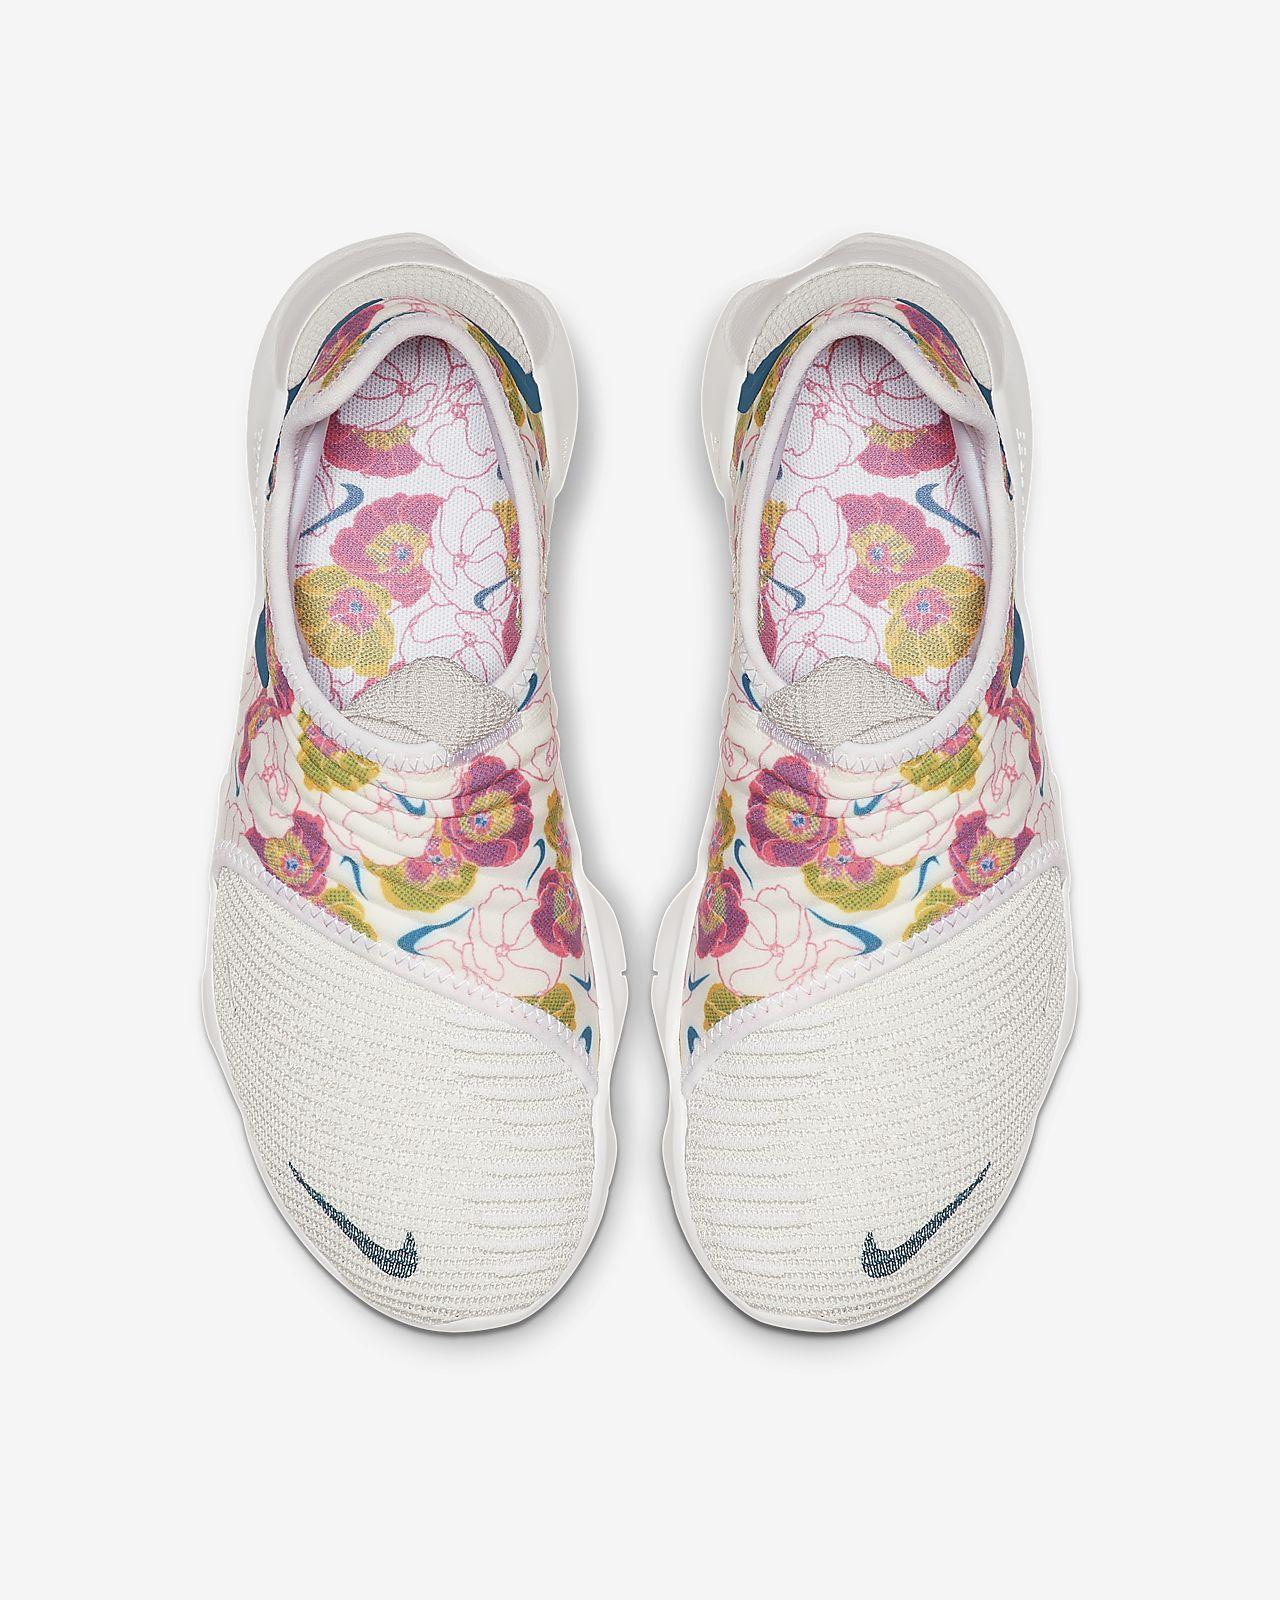 the best attitude d7c1a a649a ... Chaussure de running Nike Free RN Flyknit 3.0 pour Femme